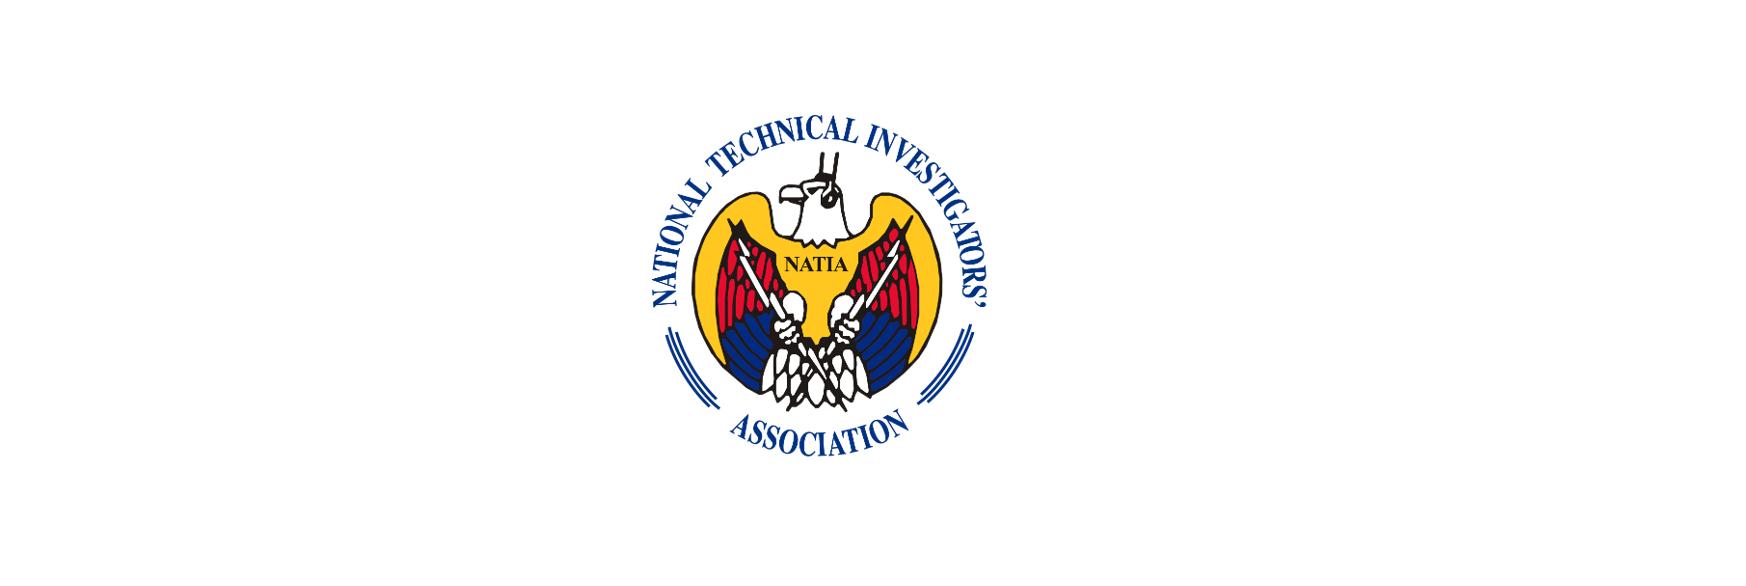 IPS presente a NATIA 2021 - Tampa (Florida)